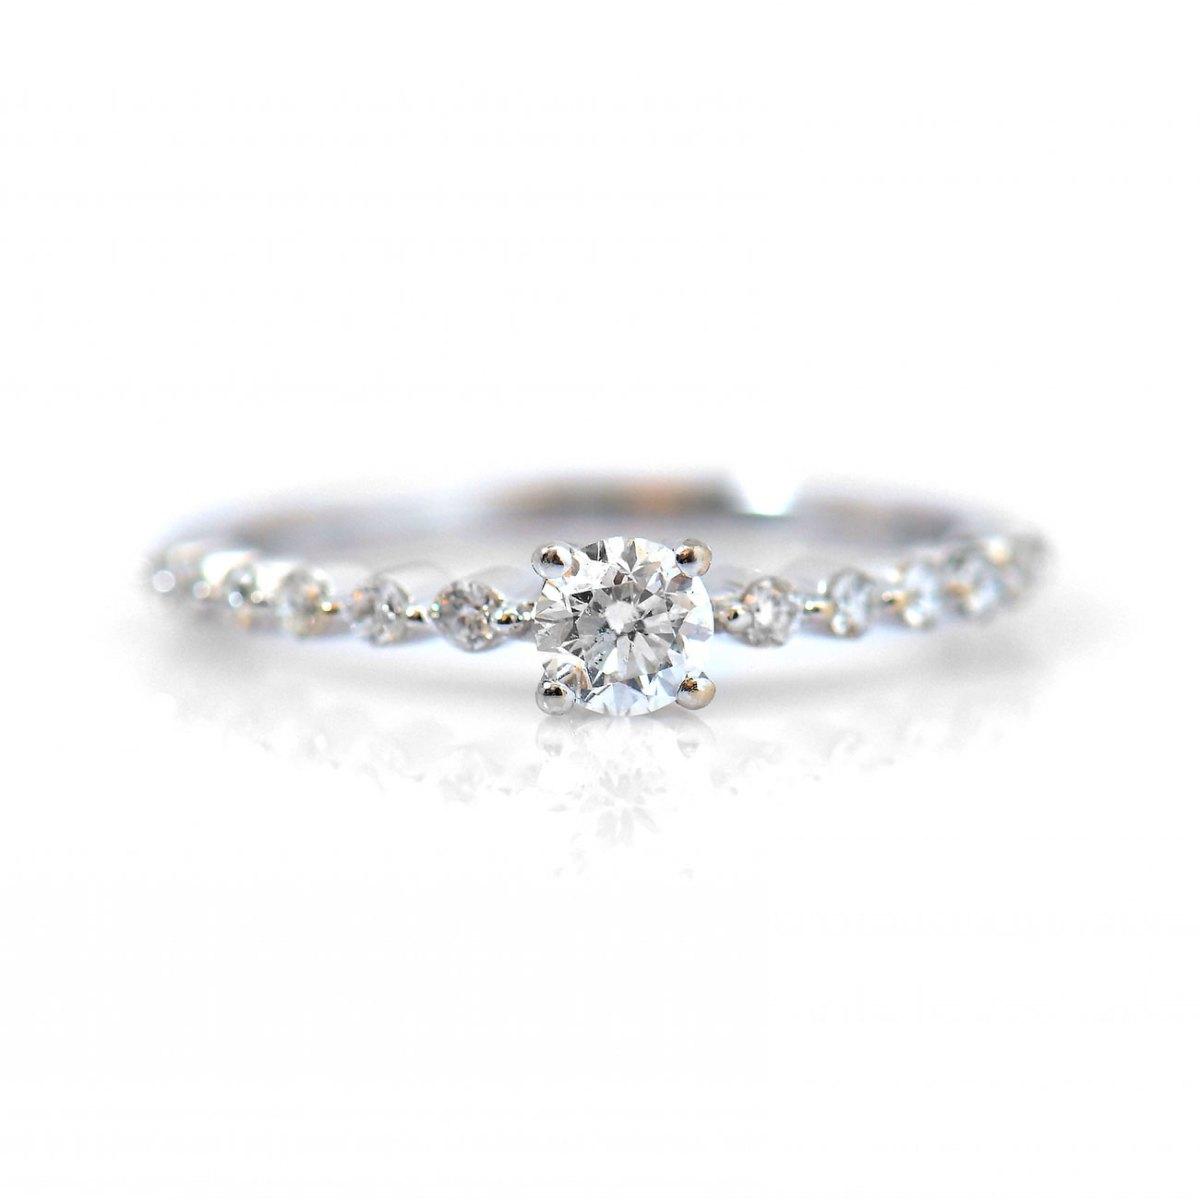 Bague diamants, 12 diamants latéraux 0,18ct, serti griffes sur or blanc 750 ‰ | Réf. BA-B18293 |EVENOR Joaillerie • Bijoux neufs - bijoux Vintage